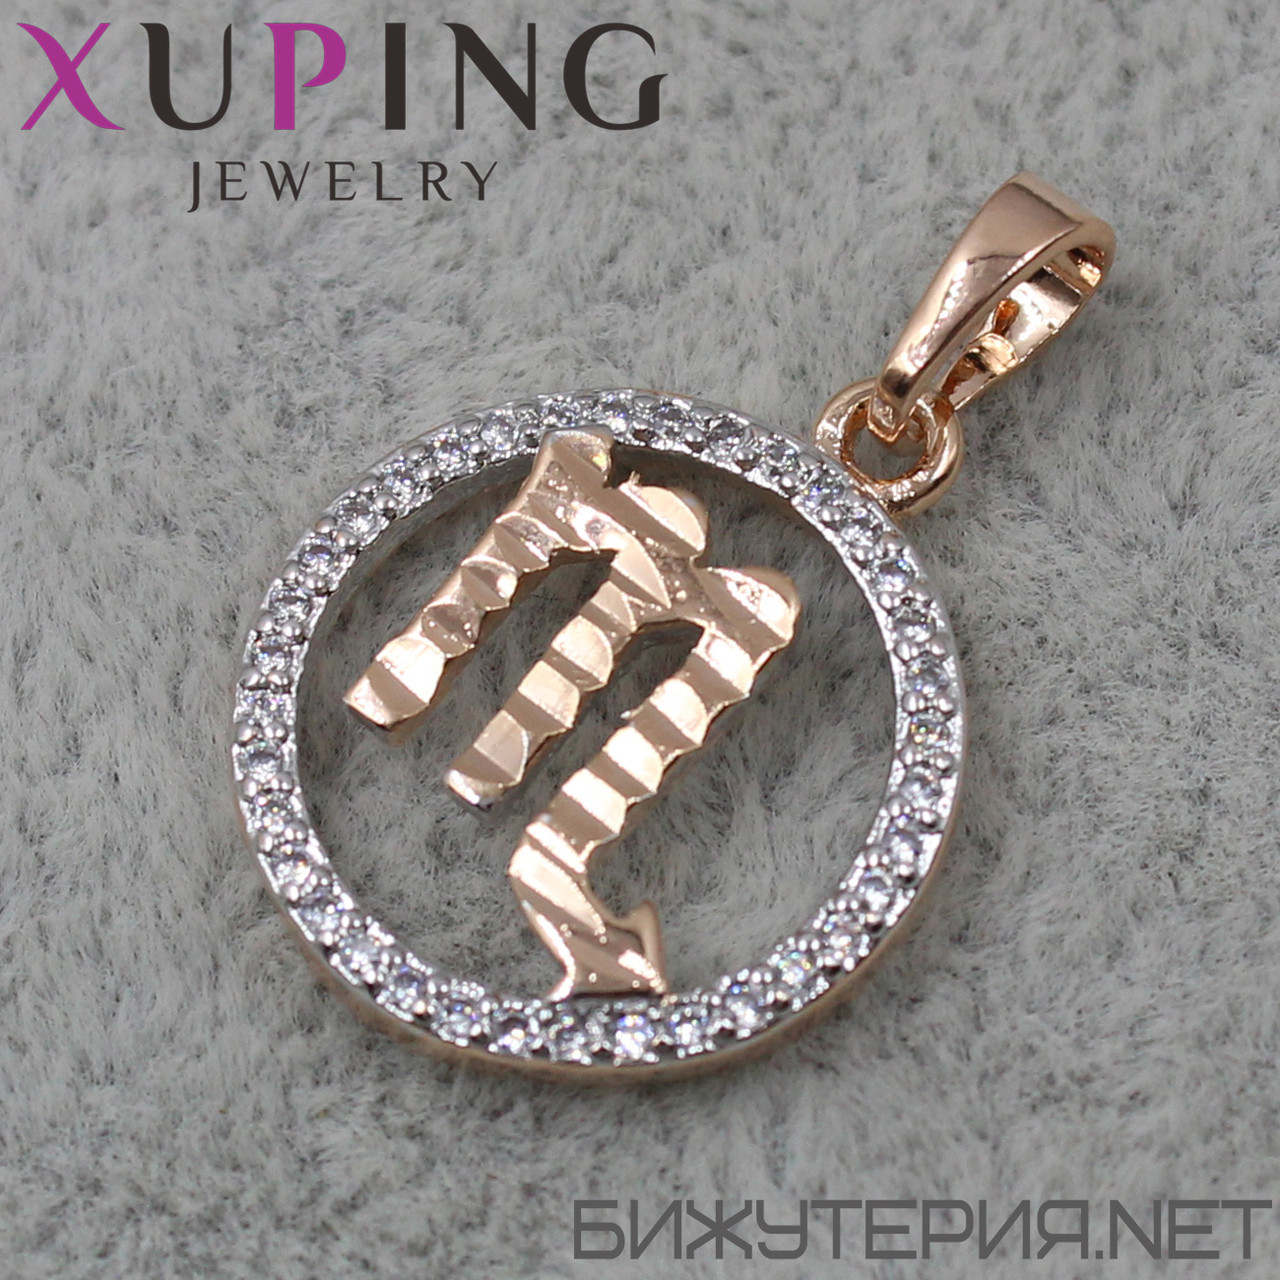 Знак Зодиака Скорпион Xuping медицинское золото 18K Gold - 1021997391